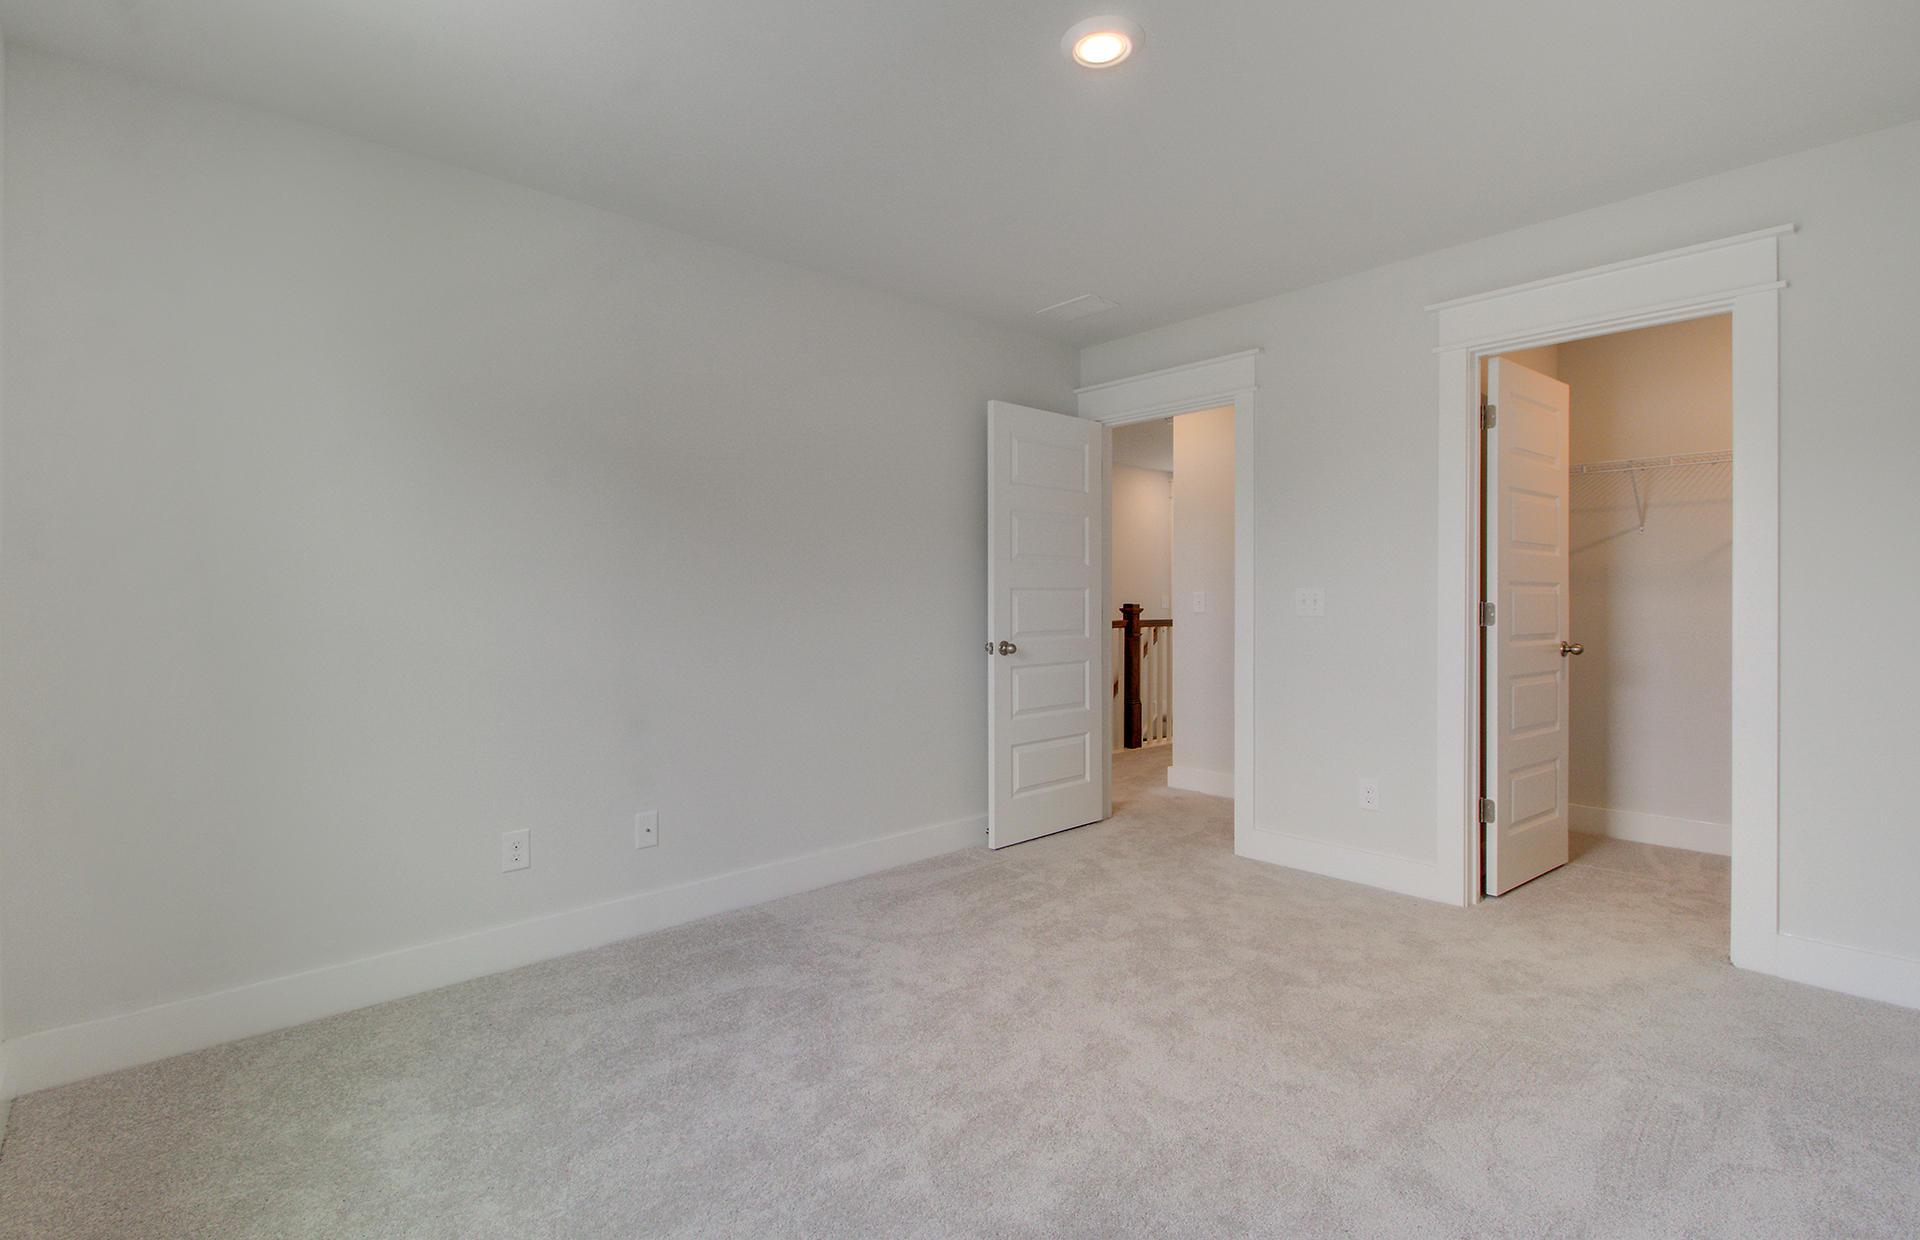 Park West Homes For Sale - 3013 Caspian, Mount Pleasant, SC - 23